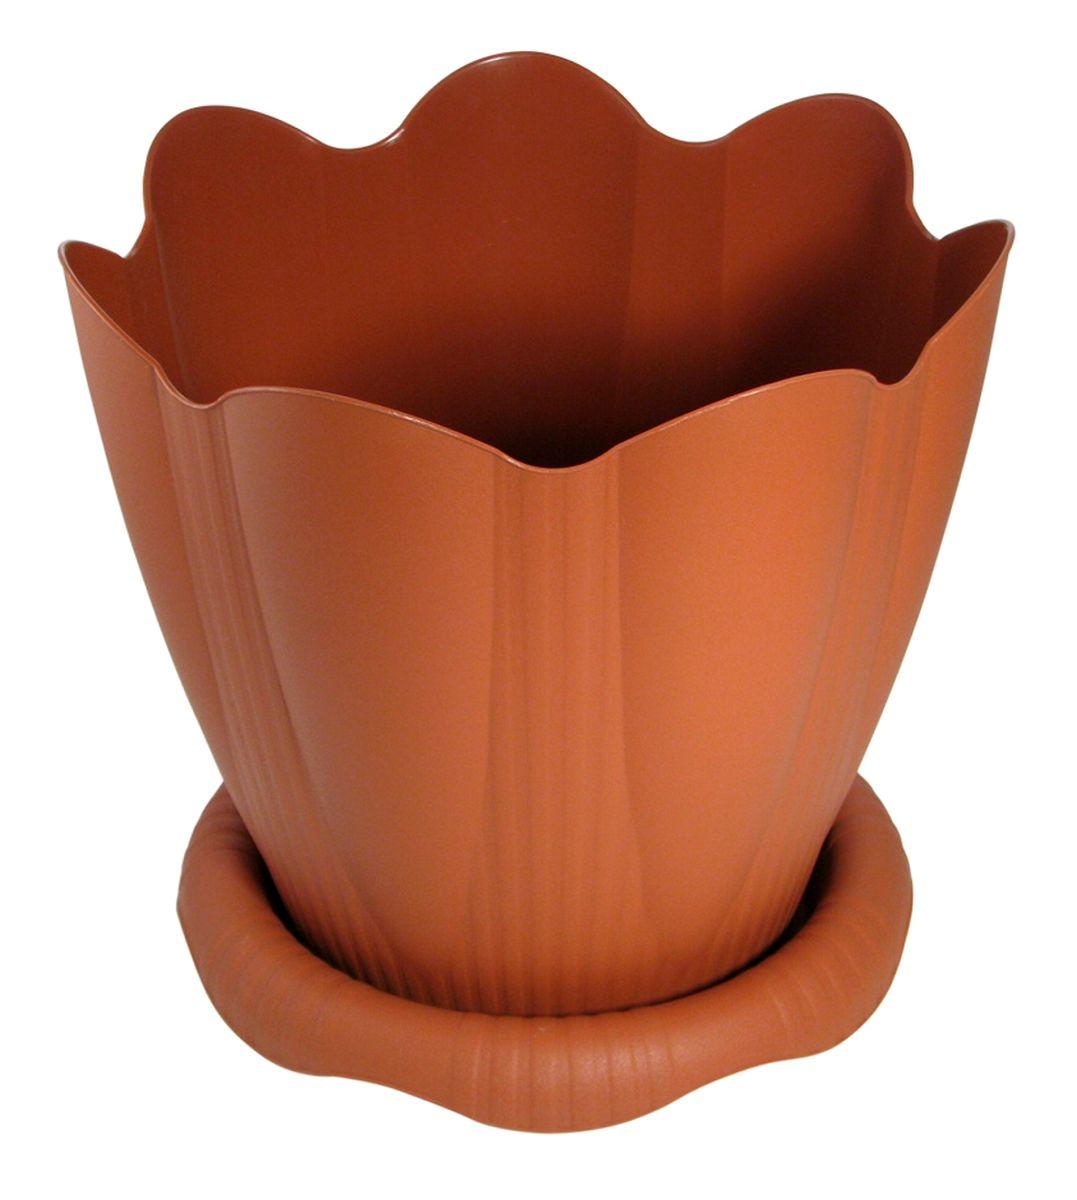 Горшок для цветов Martika Эдельвейс, с поддоном, цвет: терракотовый, 3 лZ-0307Любой, даже самый современный и продуманный интерьер будет не завершённым без растений. Они не только очищают воздух и насыщают его кислородом, но и заметно украшают окружающее пространство. Такому полезному &laquo члену семьи&raquoпросто необходимо красивое и функциональное кашпо, оригинальный горшок или необычная ваза! Мы предлагаем - Горшок Эдельвейс с поддоном 3 л d=20 см, цвет терракотовый!Оптимальный выбор материала &mdash &nbsp пластмасса! Почему мы так считаем? Малый вес. С лёгкостью переносите горшки и кашпо с места на место, ставьте их на столики или полки, подвешивайте под потолок, не беспокоясь о нагрузке. Простота ухода. Пластиковые изделия не нуждаются в специальных условиях хранения. Их&nbsp легко чистить &mdashдостаточно просто сполоснуть тёплой водой. Никаких царапин. Пластиковые кашпо не царапают и не загрязняют поверхности, на которых стоят. Пластик дольше хранит влагу, а значит &mdashрастение реже нуждается в поливе. Пластмасса не пропускает воздух &mdashкорневой системе растения не грозят резкие перепады температур. Огромный выбор форм, декора и расцветок &mdashвы без труда подберёте что-то, что идеально впишется в уже существующий интерьер.Соблюдая нехитрые правила ухода, вы можете заметно продлить срок службы горшков, вазонов и кашпо из пластика: всегда учитывайте размер кроны и корневой системы растения (при разрастании большое растение способно повредить маленький горшок)берегите изделие от воздействия прямых солнечных лучей, чтобы кашпо и горшки не выцветалидержите кашпо и горшки из пластика подальше от нагревающихся поверхностей.Создавайте прекрасные цветочные композиции, выращивайте рассаду или необычные растения, а низкие цены позволят вам не ограничивать себя в выборе.